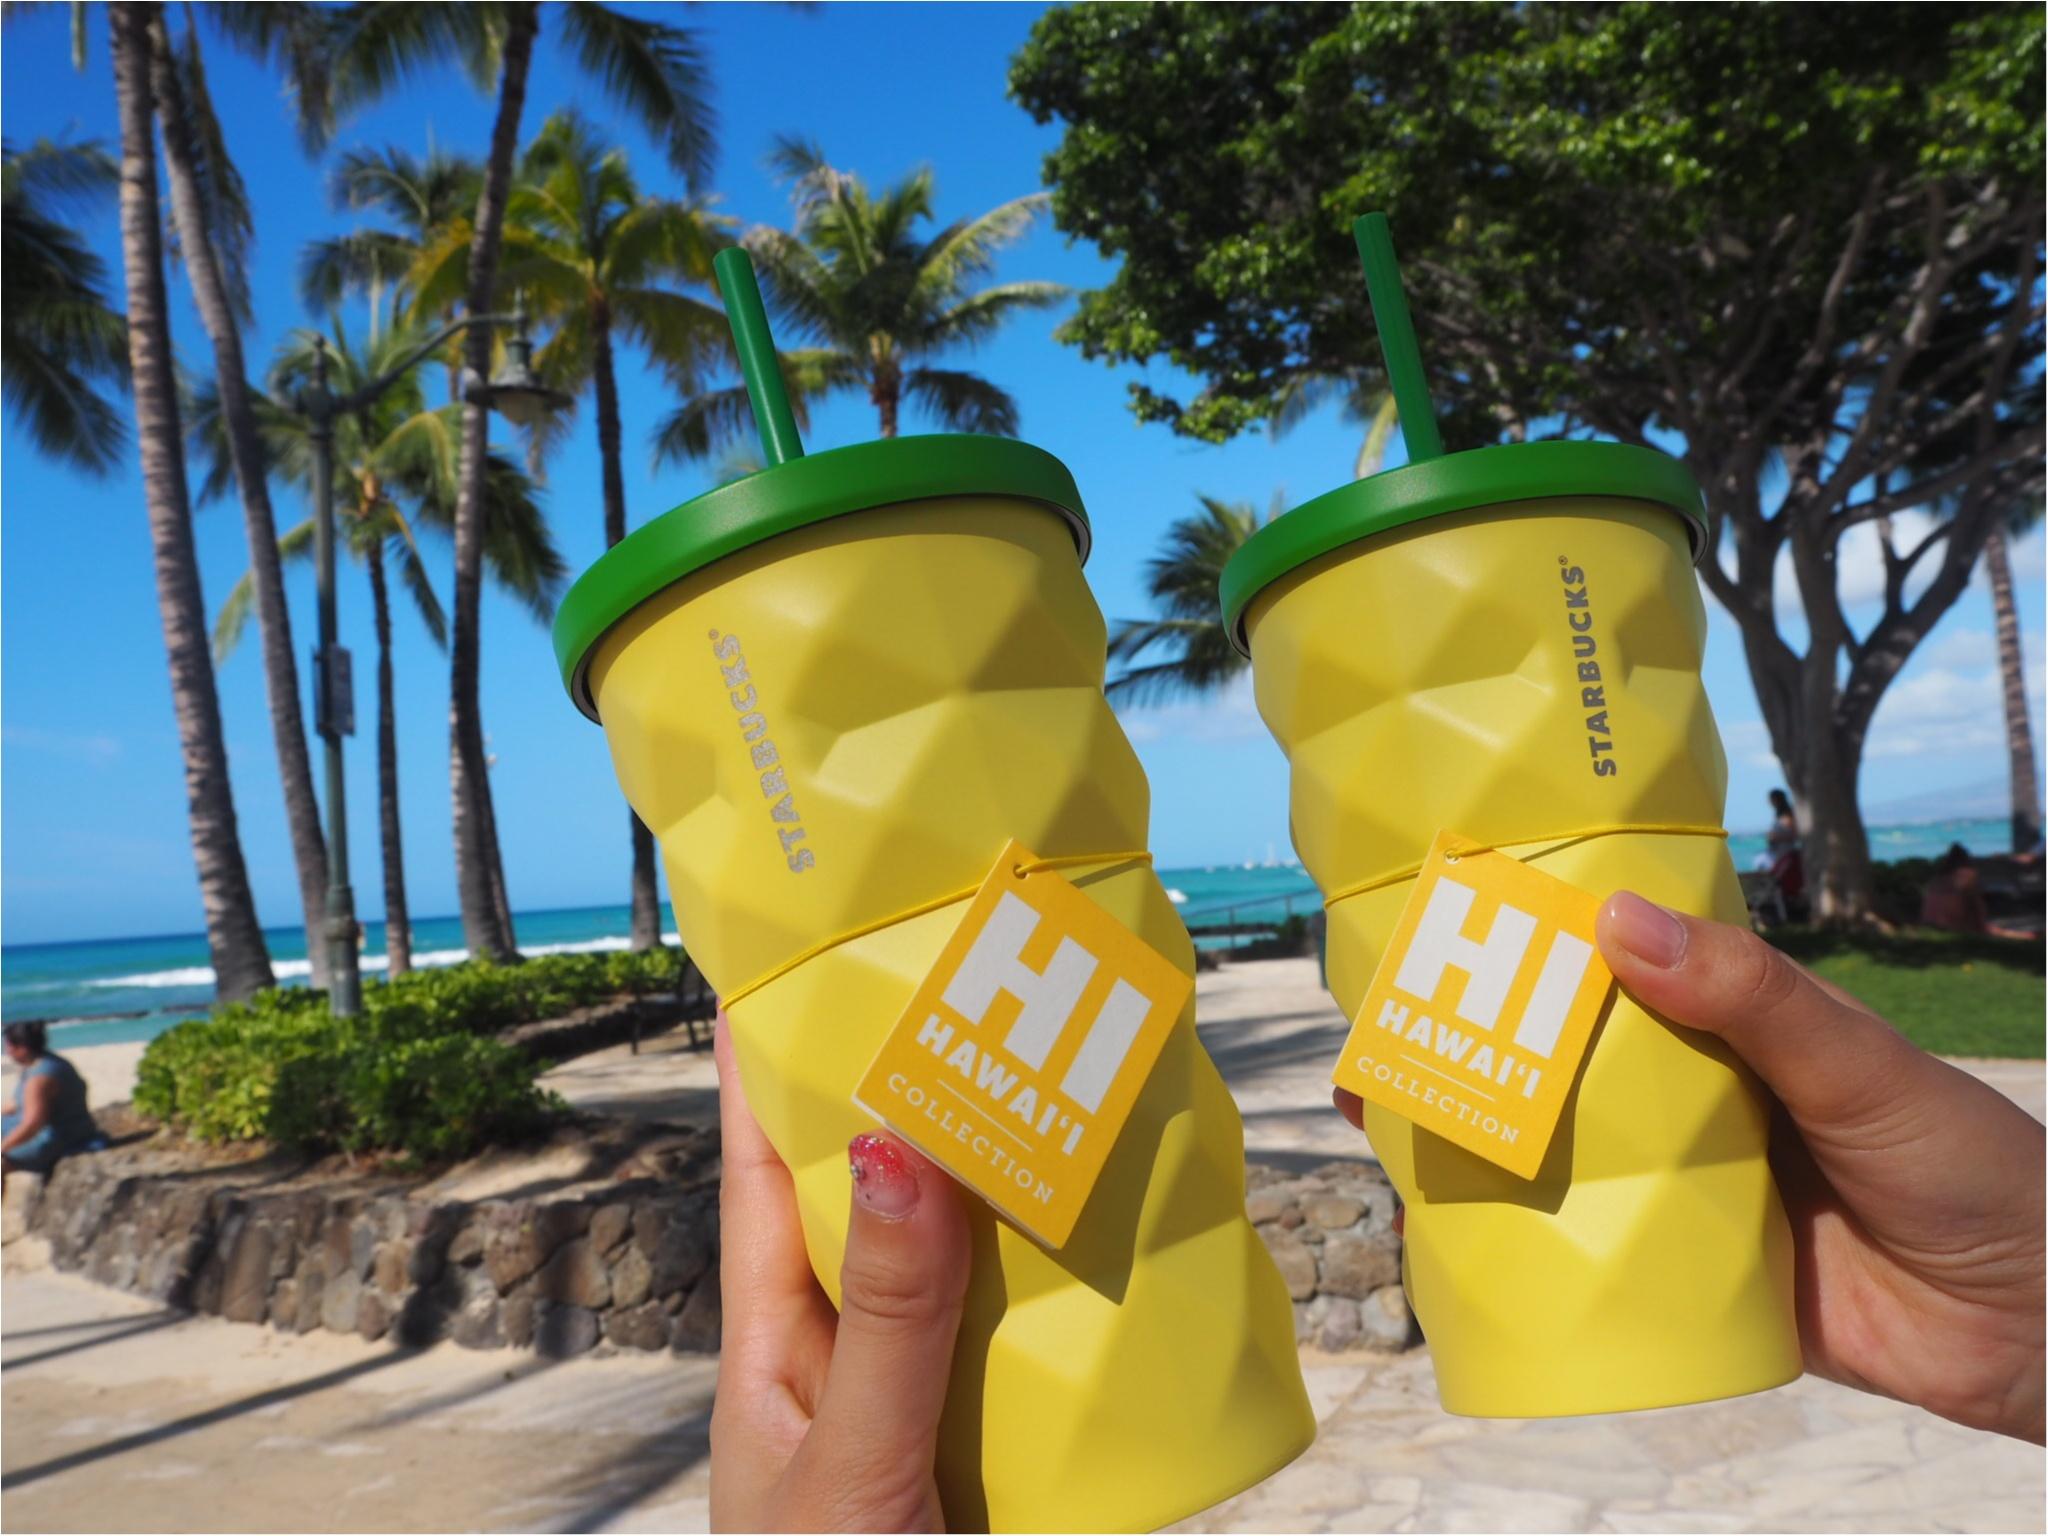 【ハワイ女子旅のおみやげ1】スタバのハワイ限定のタンブラー♡